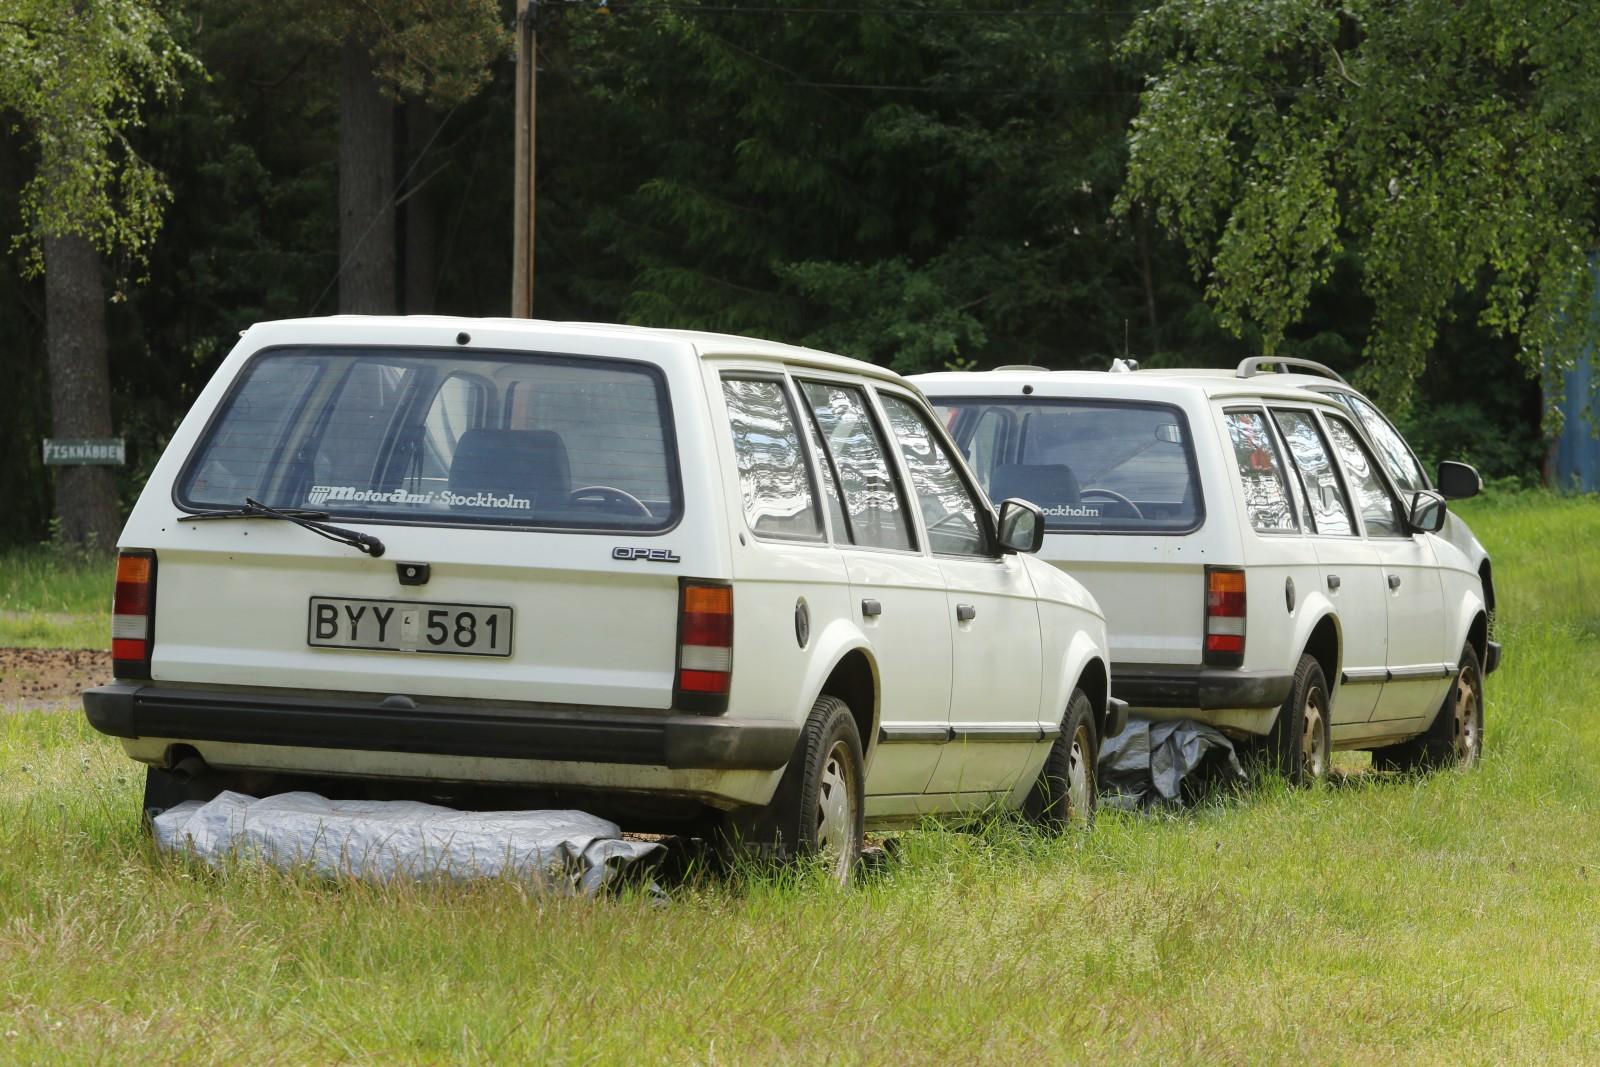 Långmilaren i samlingen är i andra sammanhang en lågmilare! Jans Opel Kadett Caravan med registreringsnumret BYY 581 har gått 3 983,7 mil.